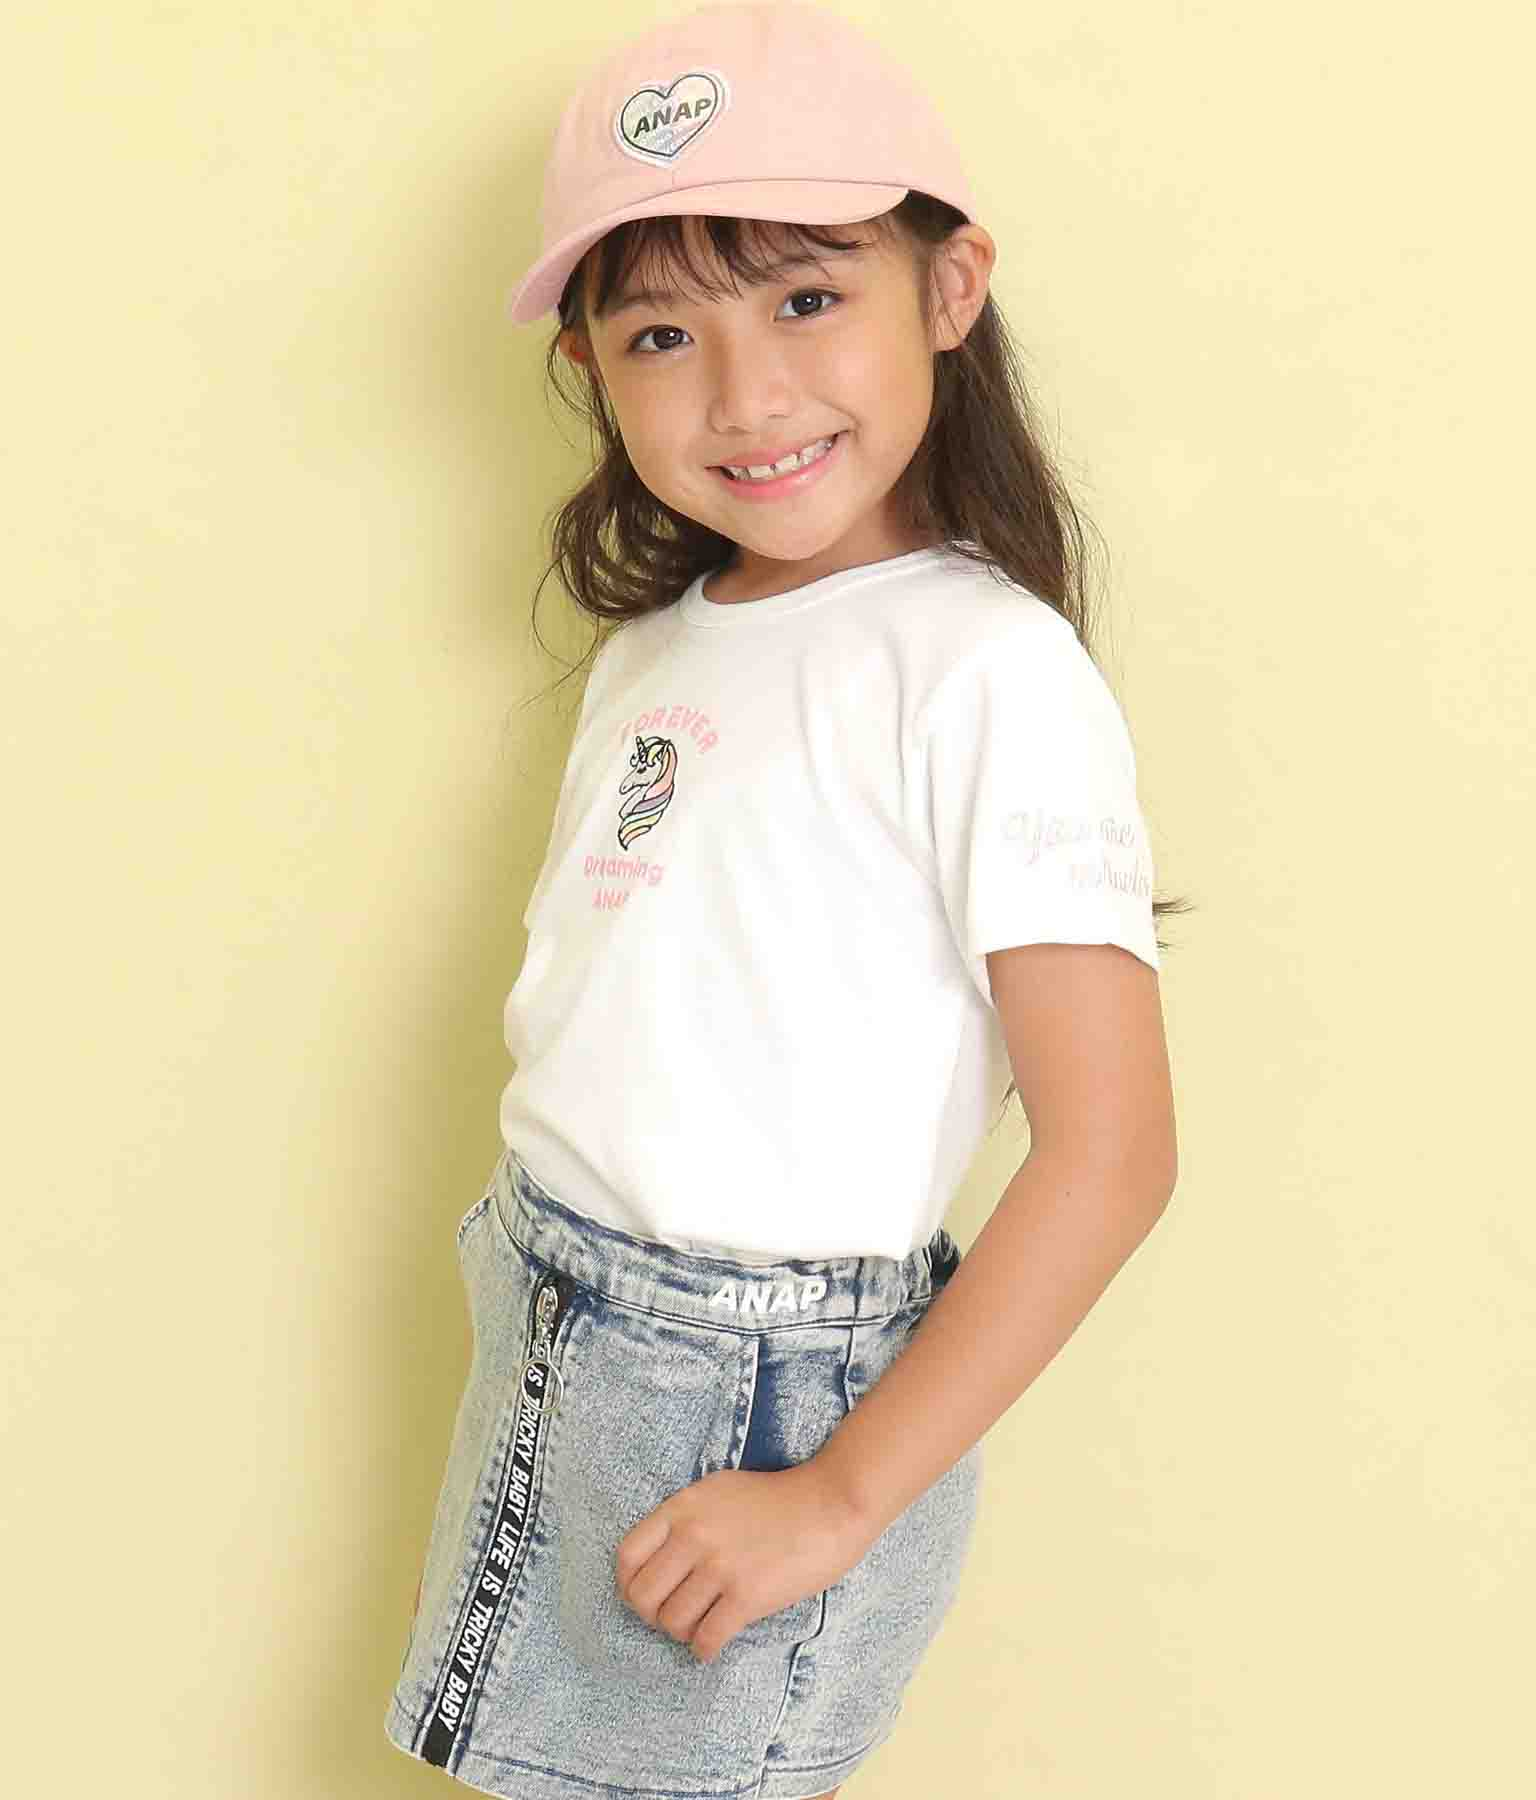 ユニコーン刺繍Tシャツ(トップス/Tシャツ) | ANAP KIDS